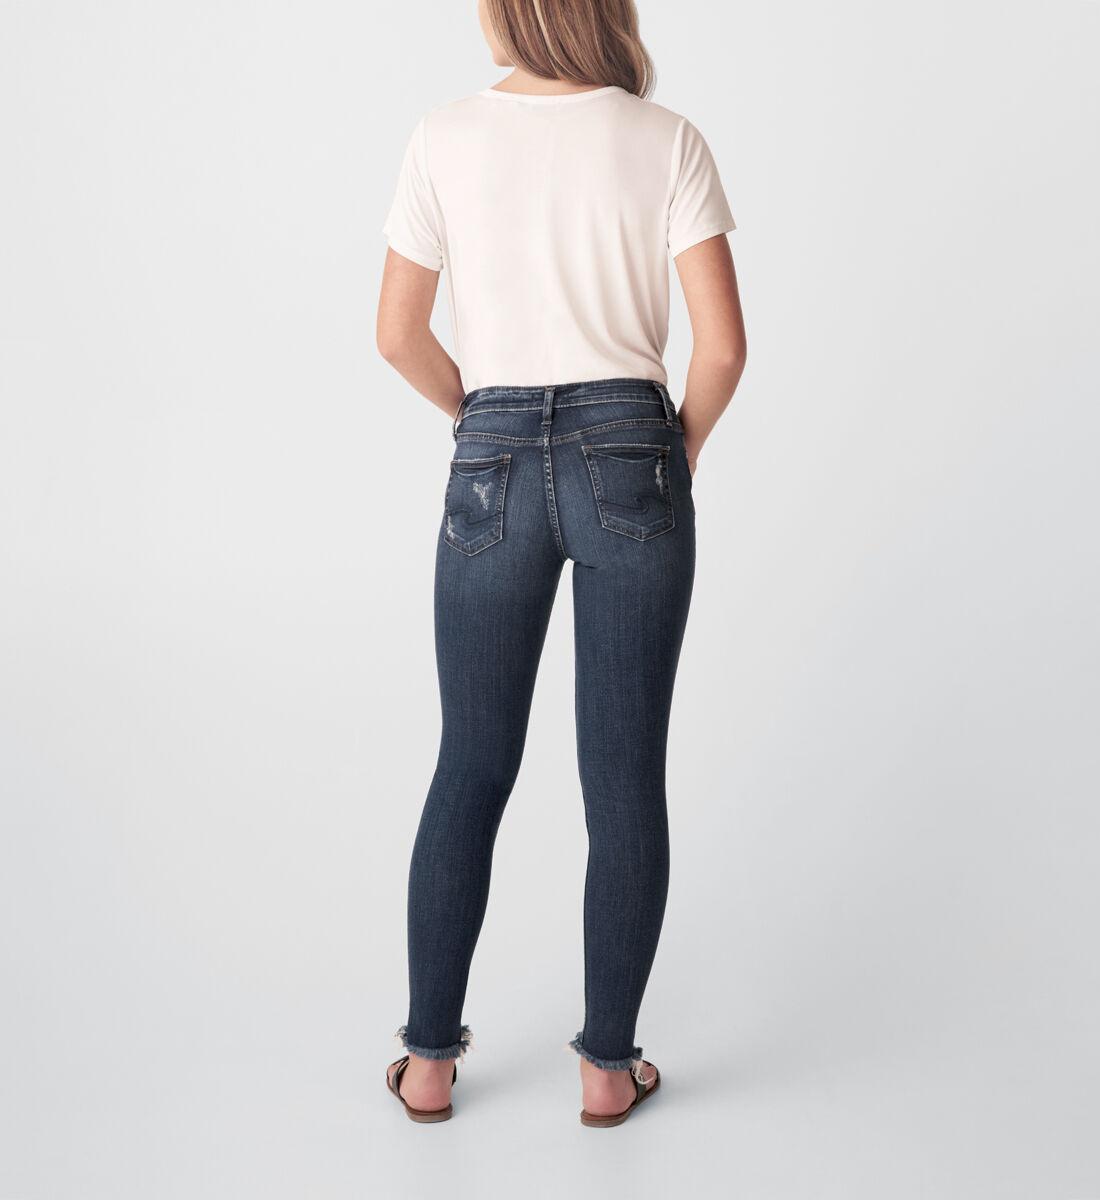 Suki Mid Rise Skinny Jeans Back